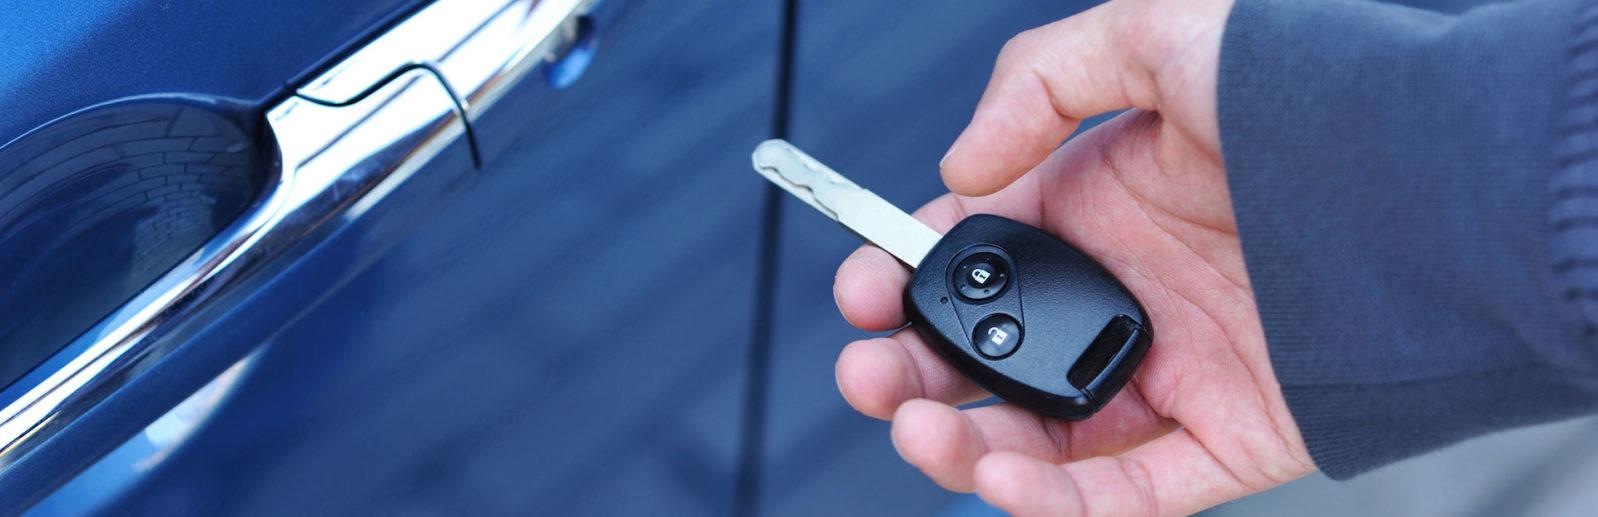 Ключи от автомобиля Симферополь Крым